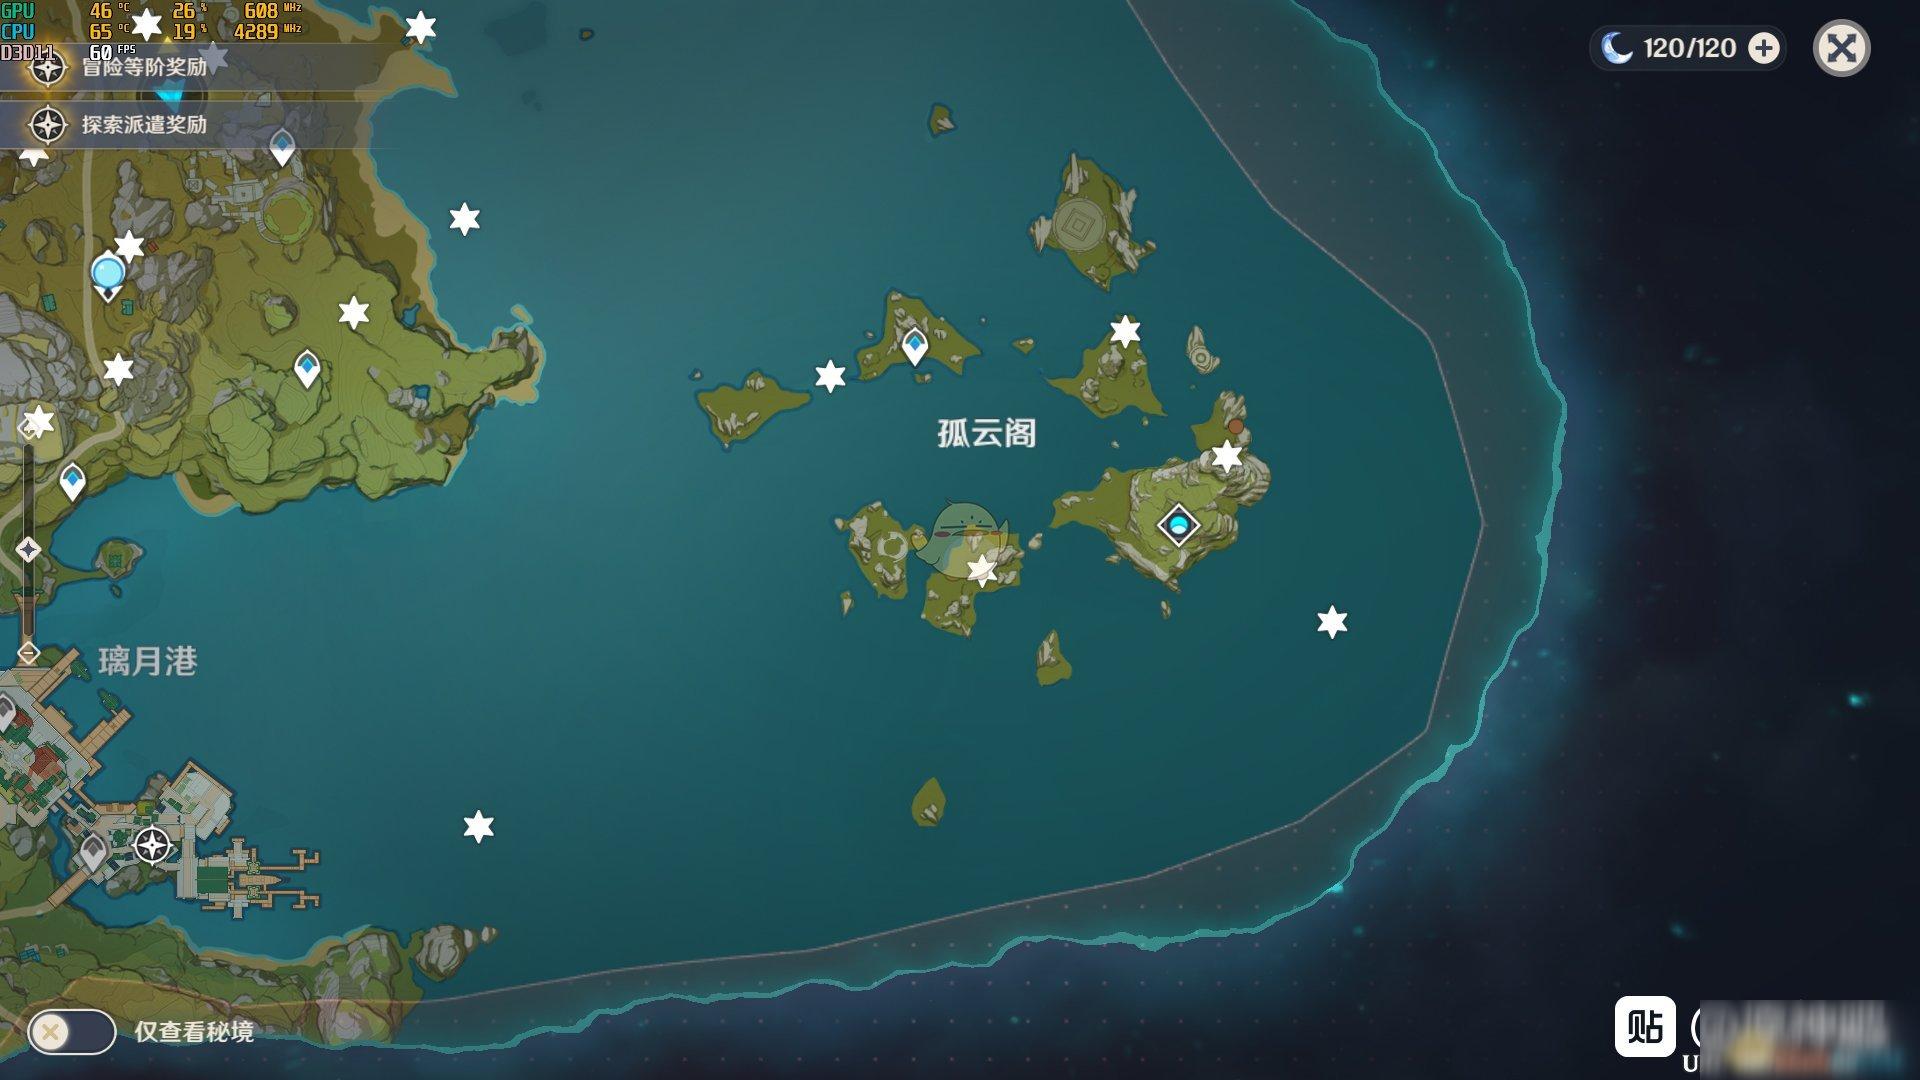 《原神》全璃月岩神瞳地图位置分享